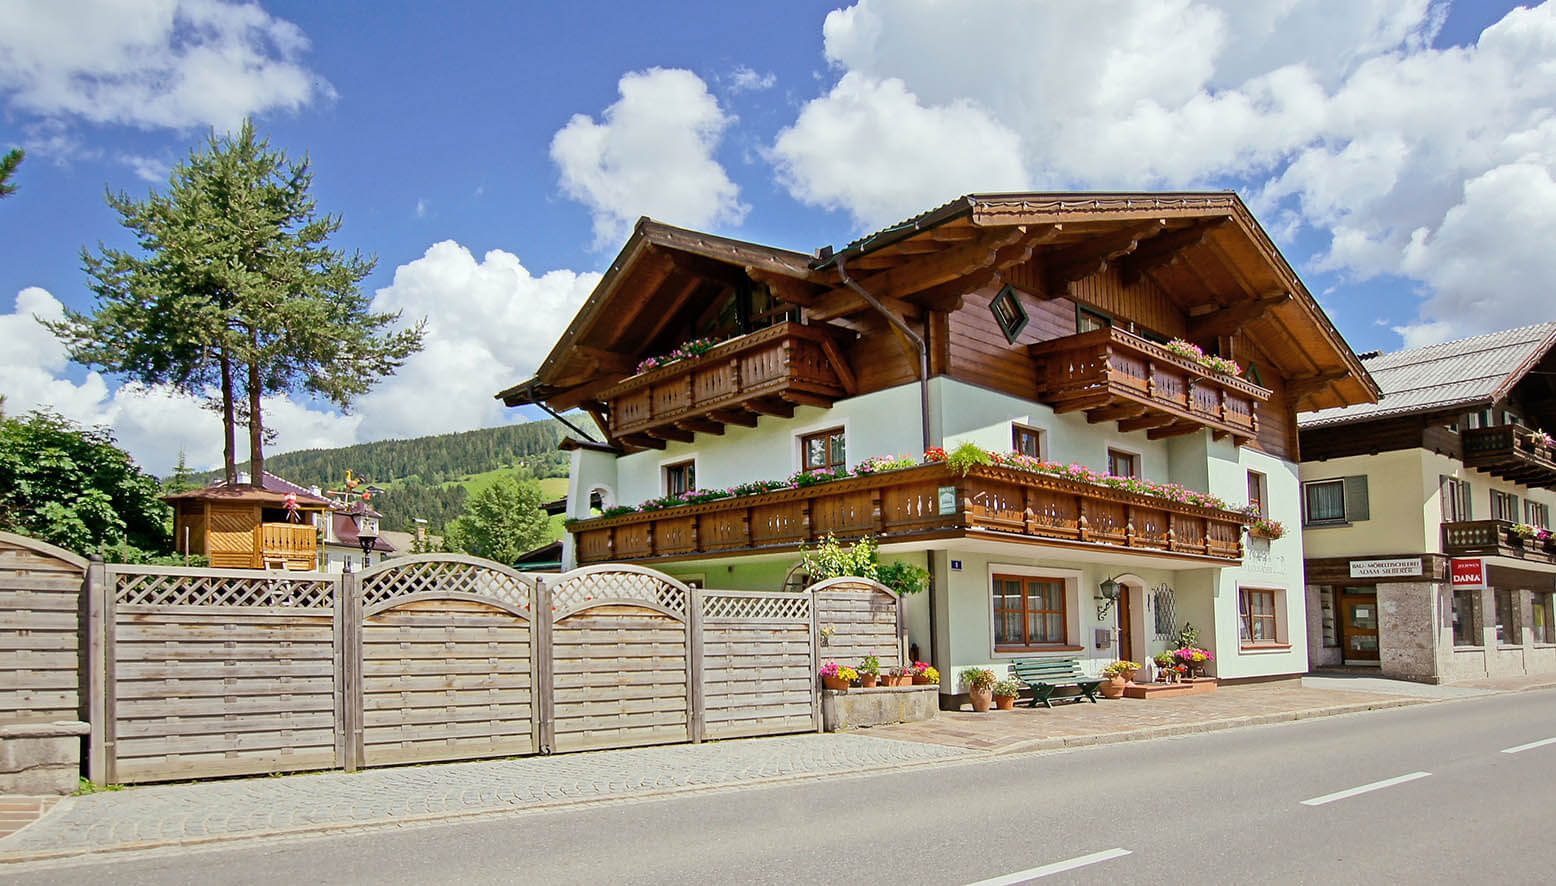 Ferienhaus Radlmacher - Ferienwohnung in Altenmarkt - Zauchensee